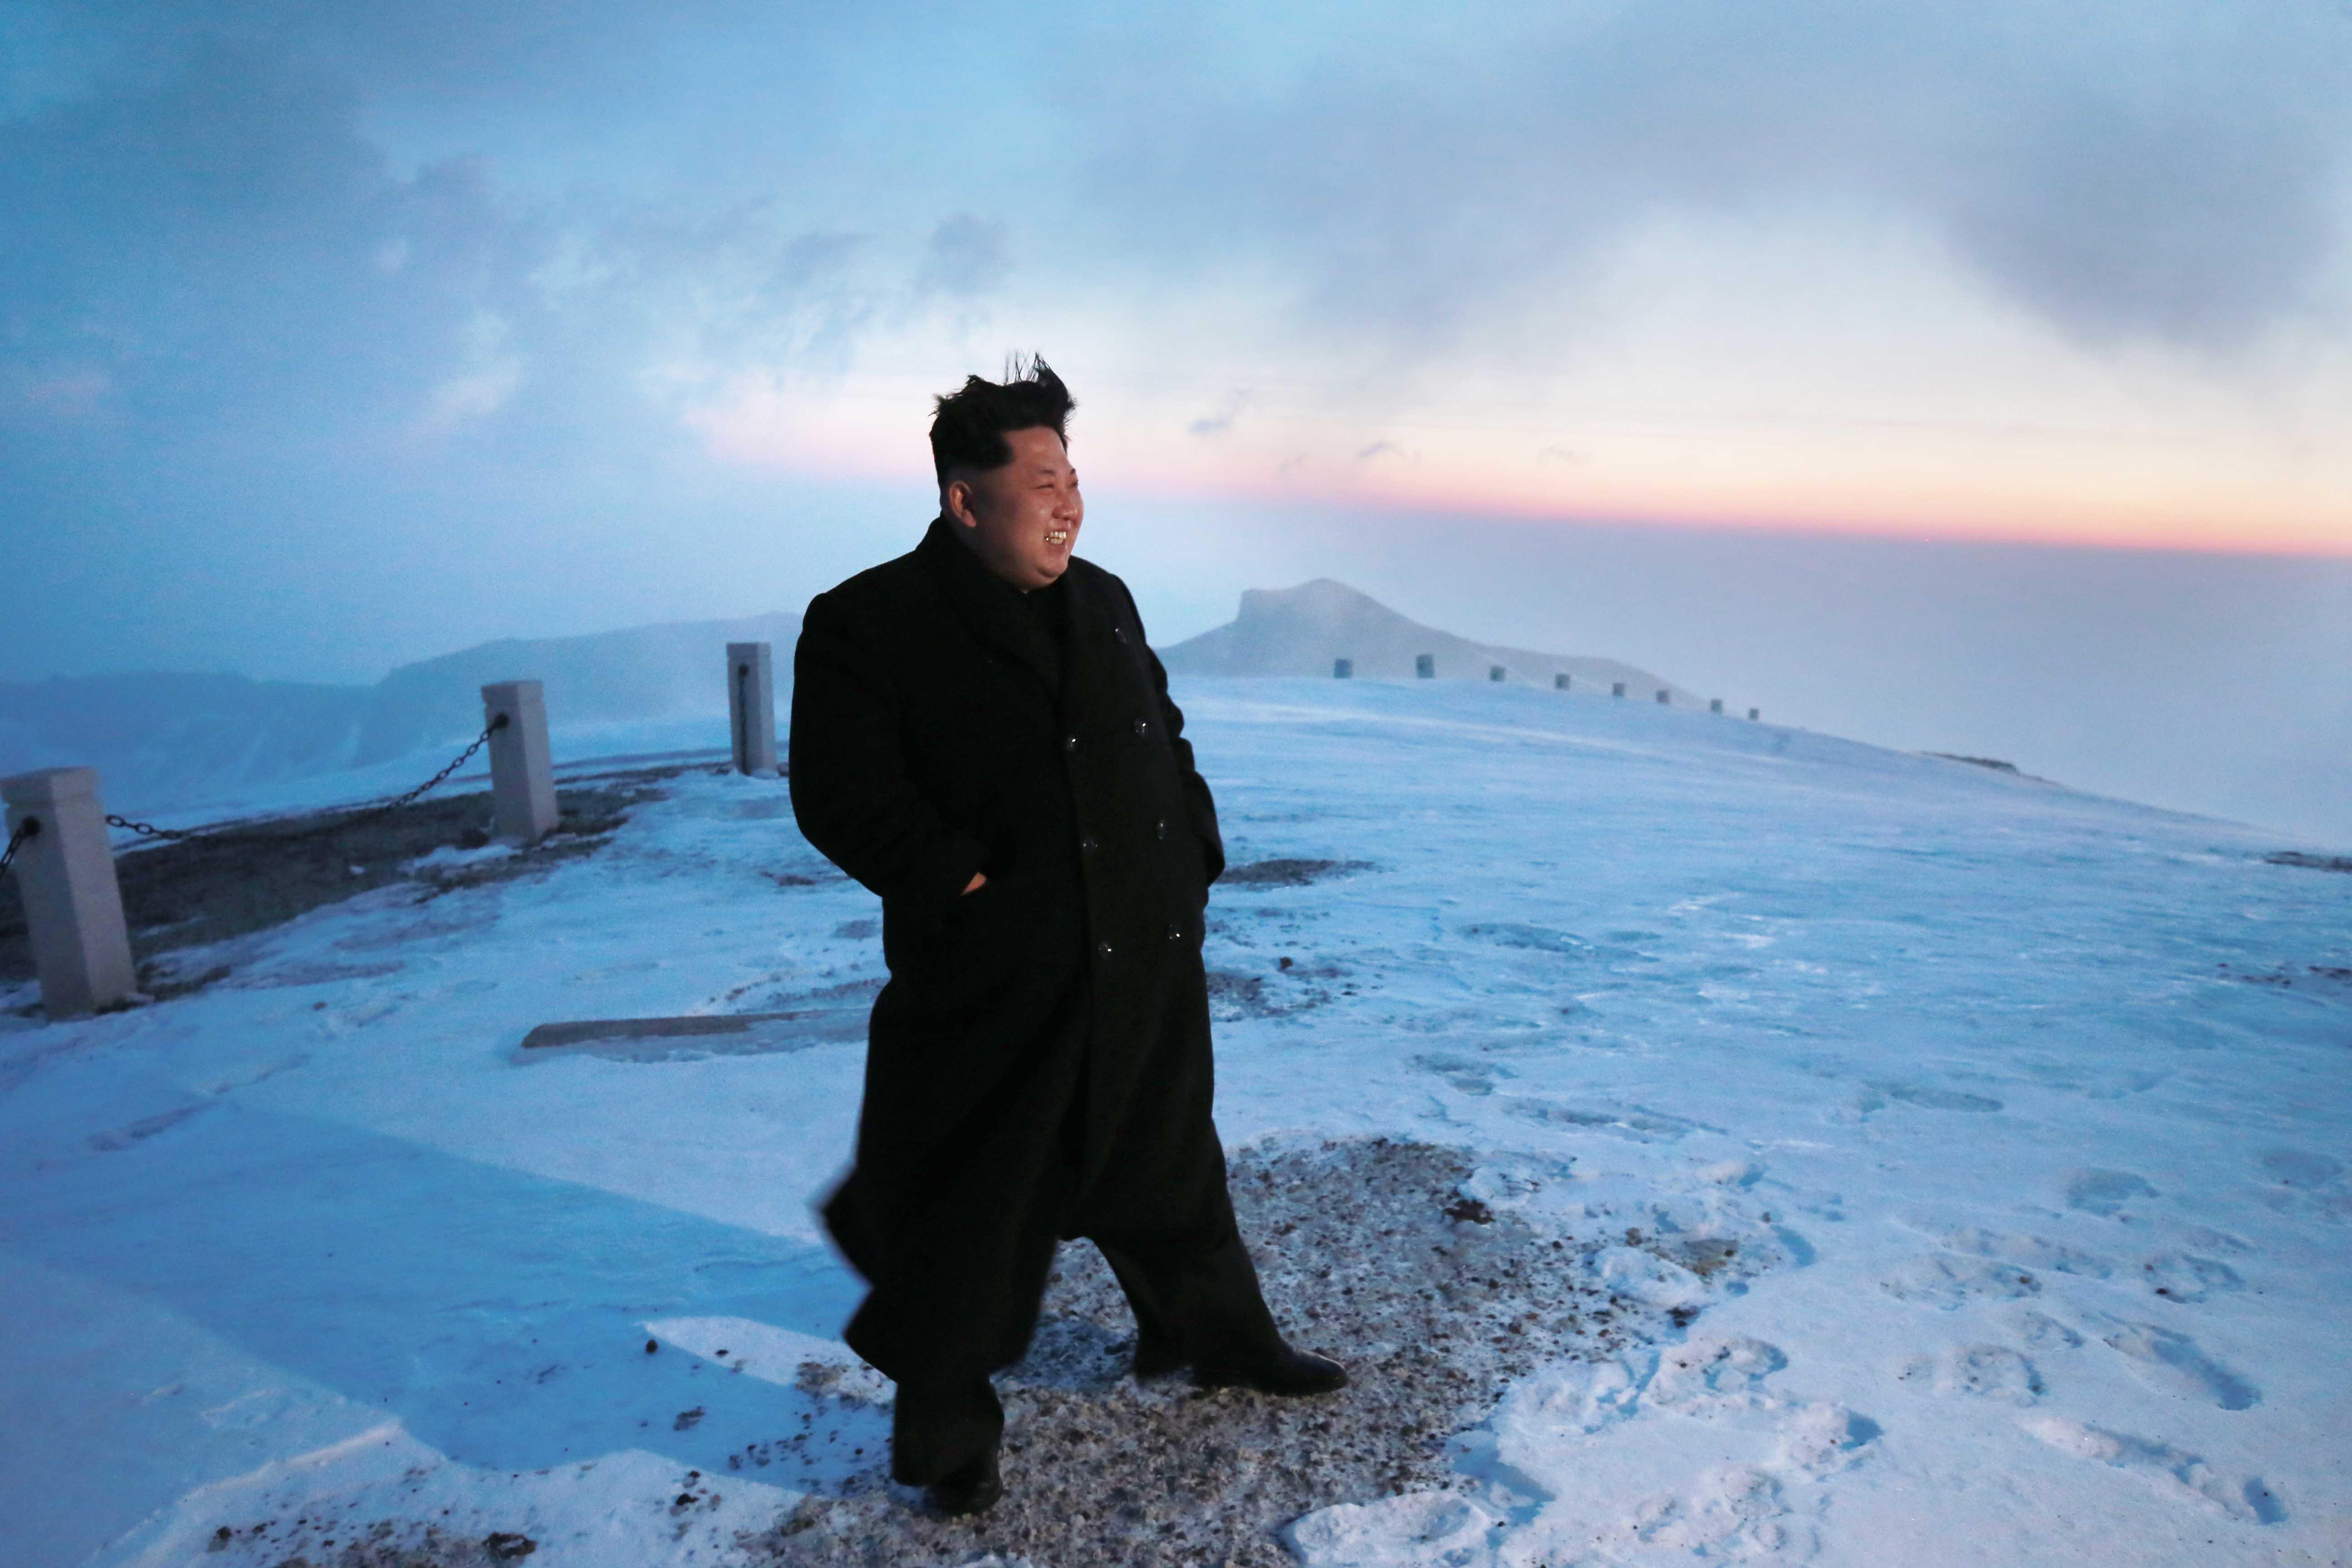 Supreme Leader Kim Jong Un at the top of the Mount Paektu